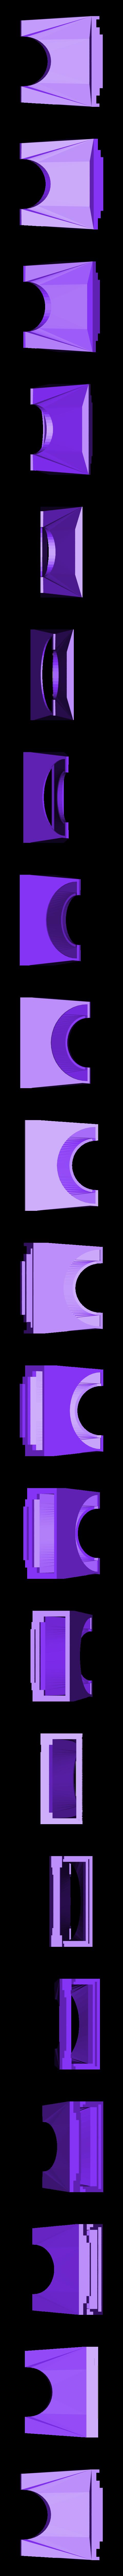 Nozzle_A_DualPro_1.stl Télécharger fichier STL gratuit Zmorph 2.0 (S) Système de refroidissement • Modèle pour impression 3D, kpawel